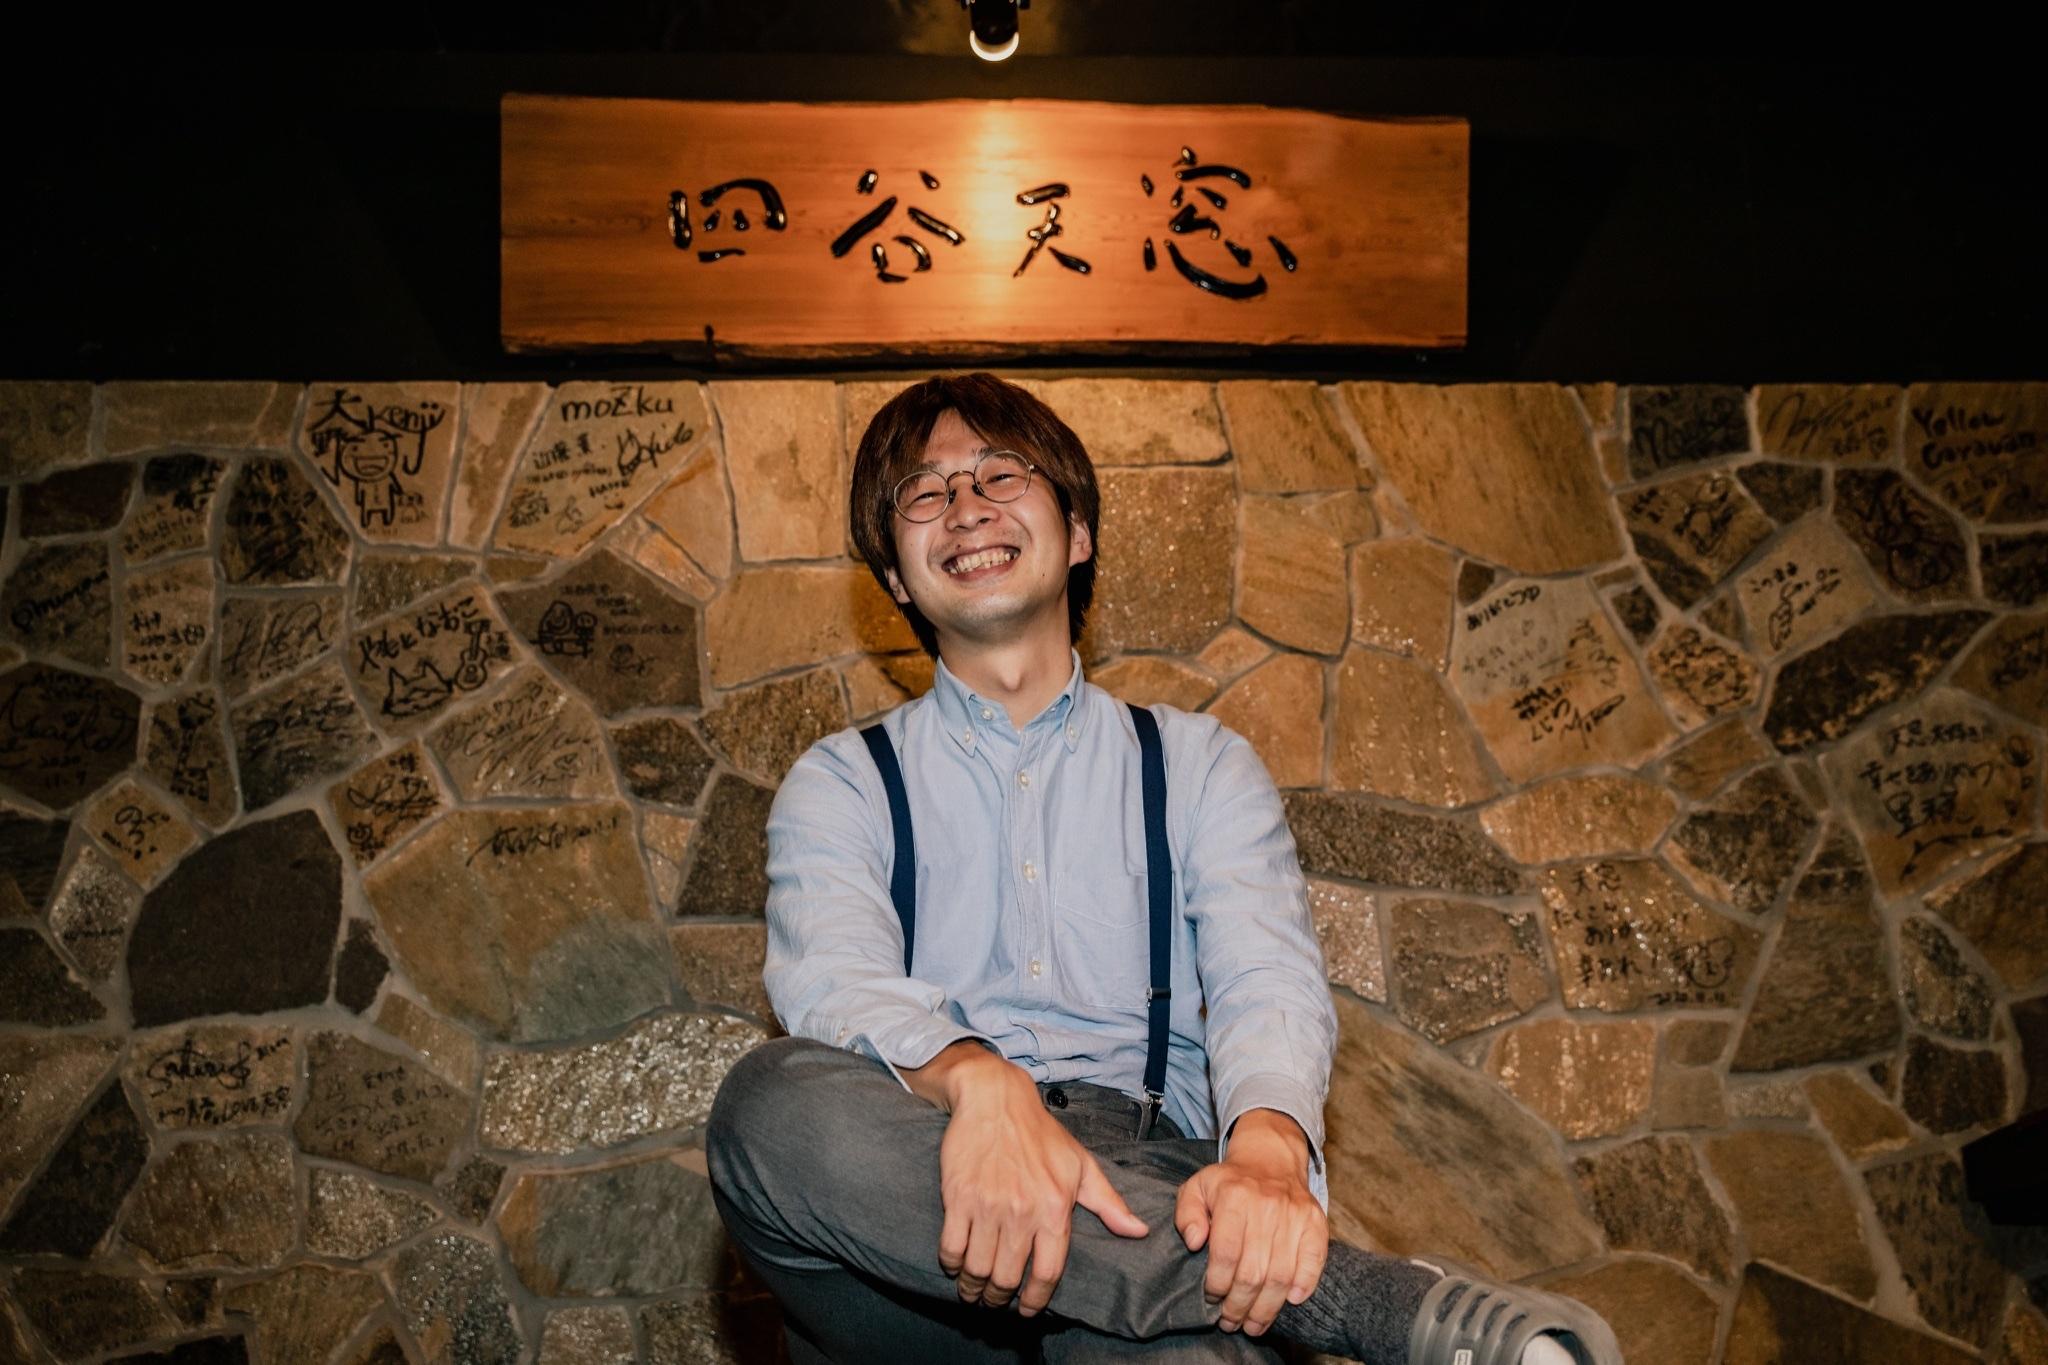 【最後の天窓ブッキング】 タイキのホンキ~誕生日1ヶ月前だけど祝っておくれ~(直前告知でごめんなさい!)